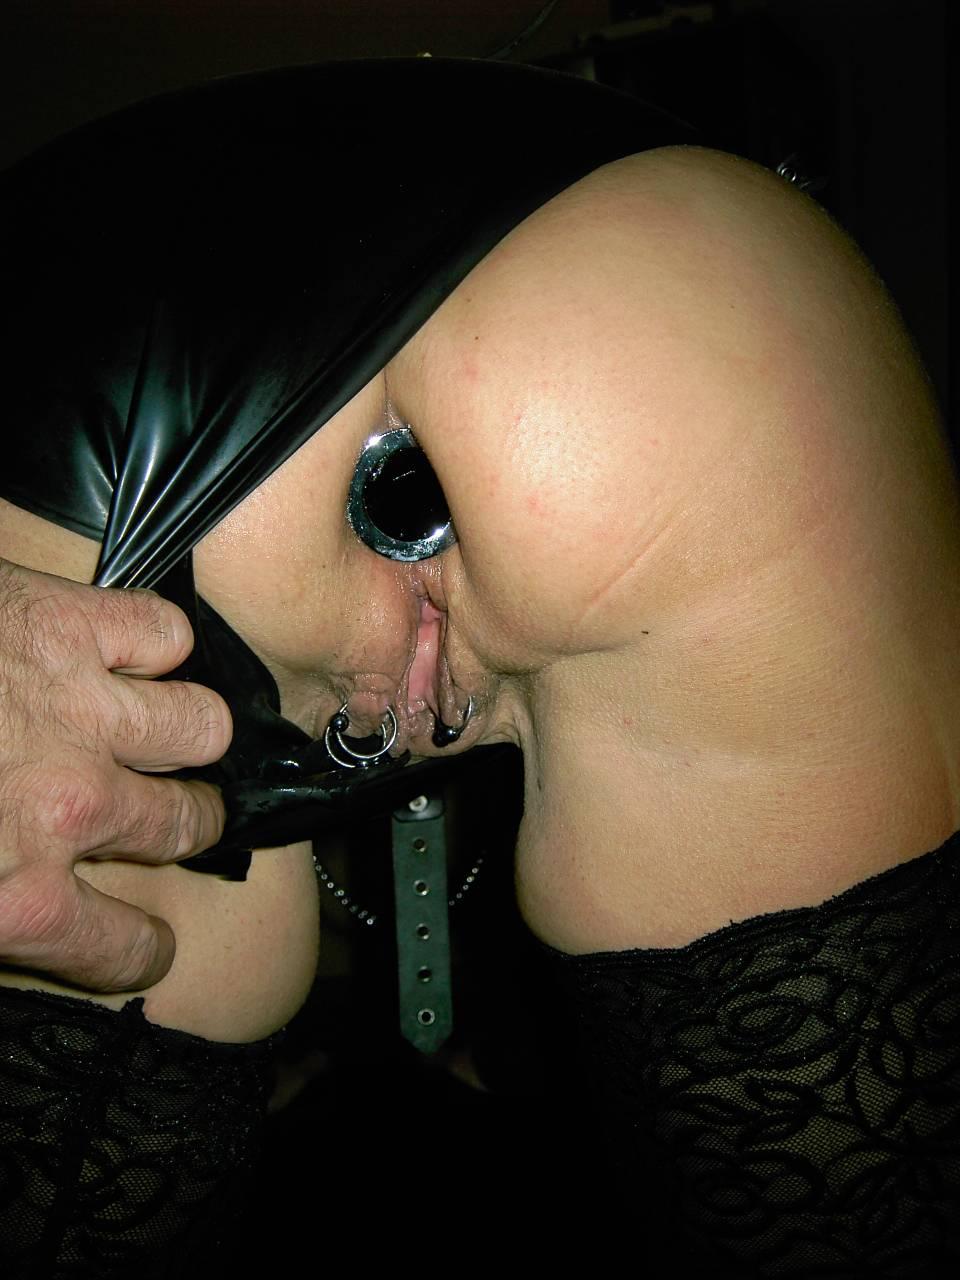 la baise anal y a que ca de vrai avec une salope du 08